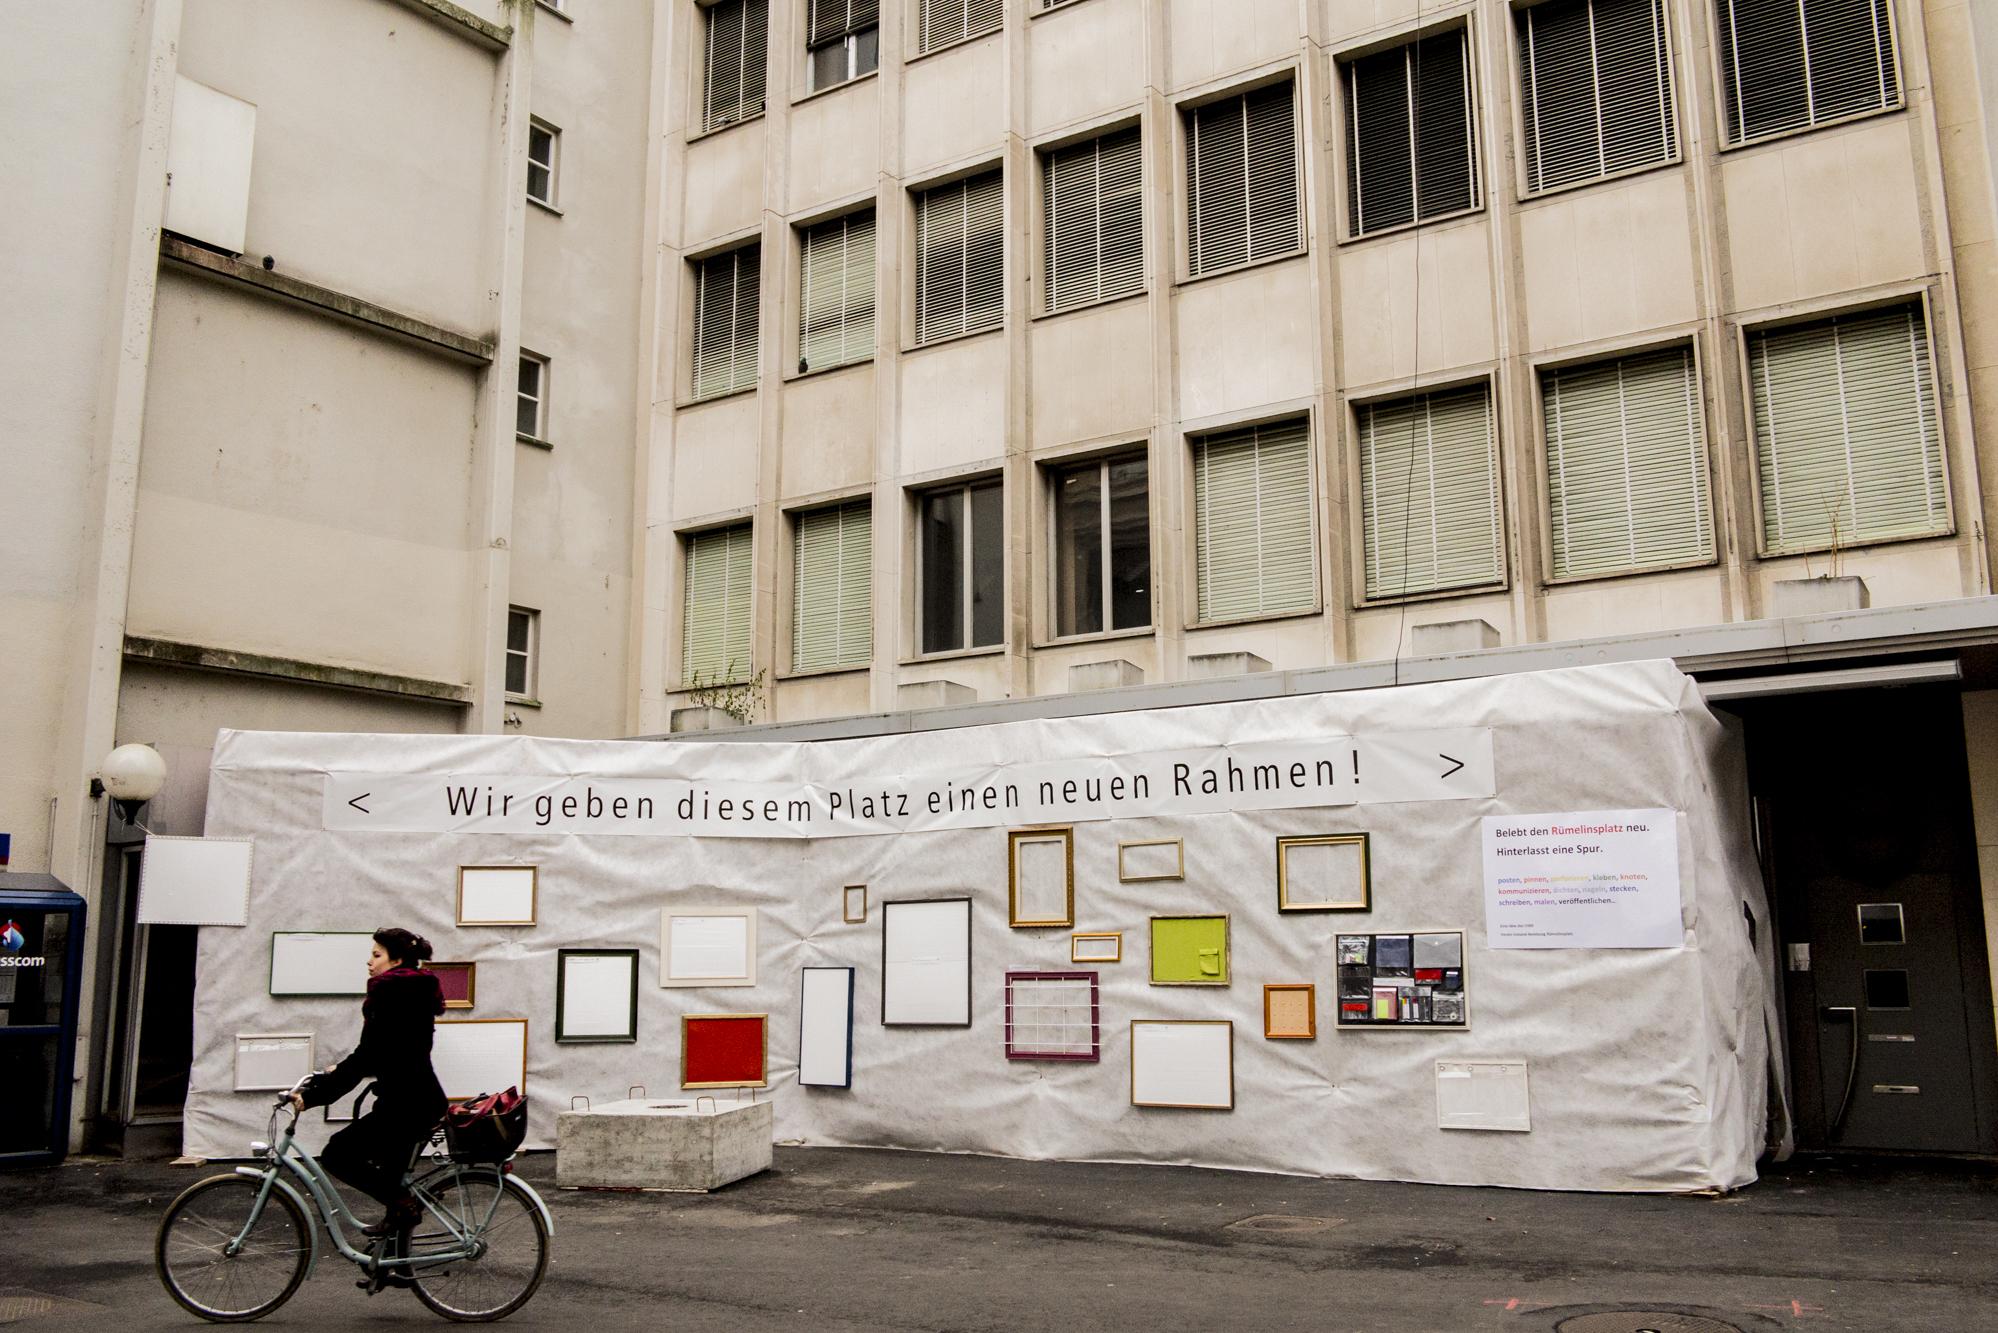 Fertig ist der Rahmen für das städtische Kunstwerk: Jetzt müssen nur noch die Menschen kommen und sich in den kreativ austoben.